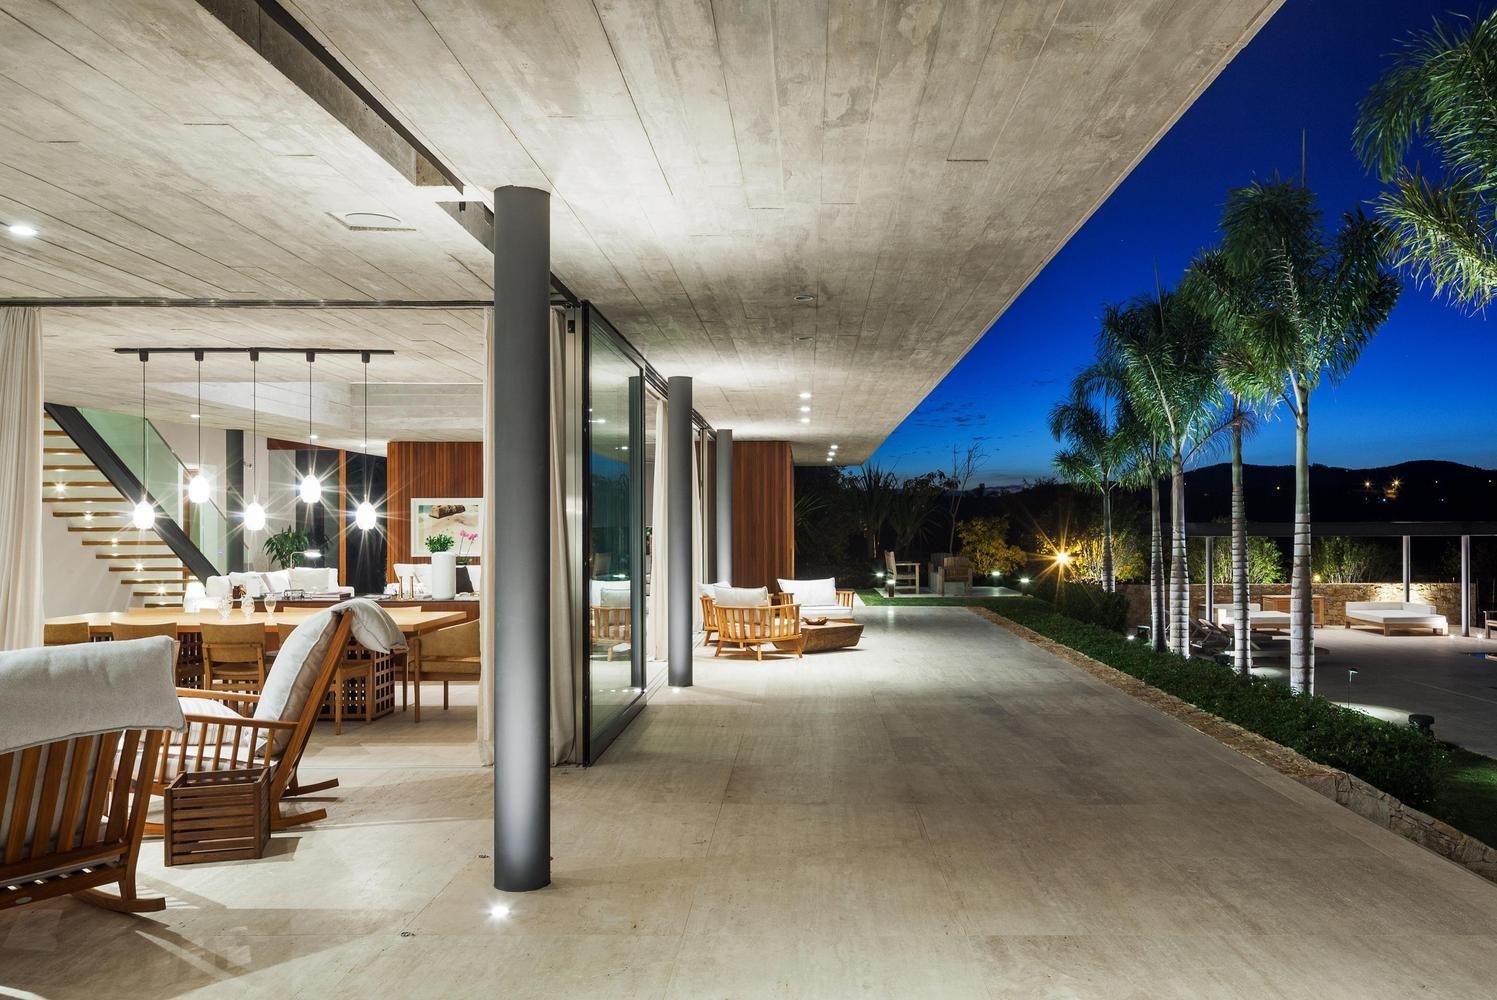 Gallery of EL House / Reinach Mendonça Arquitetos Associados - 6